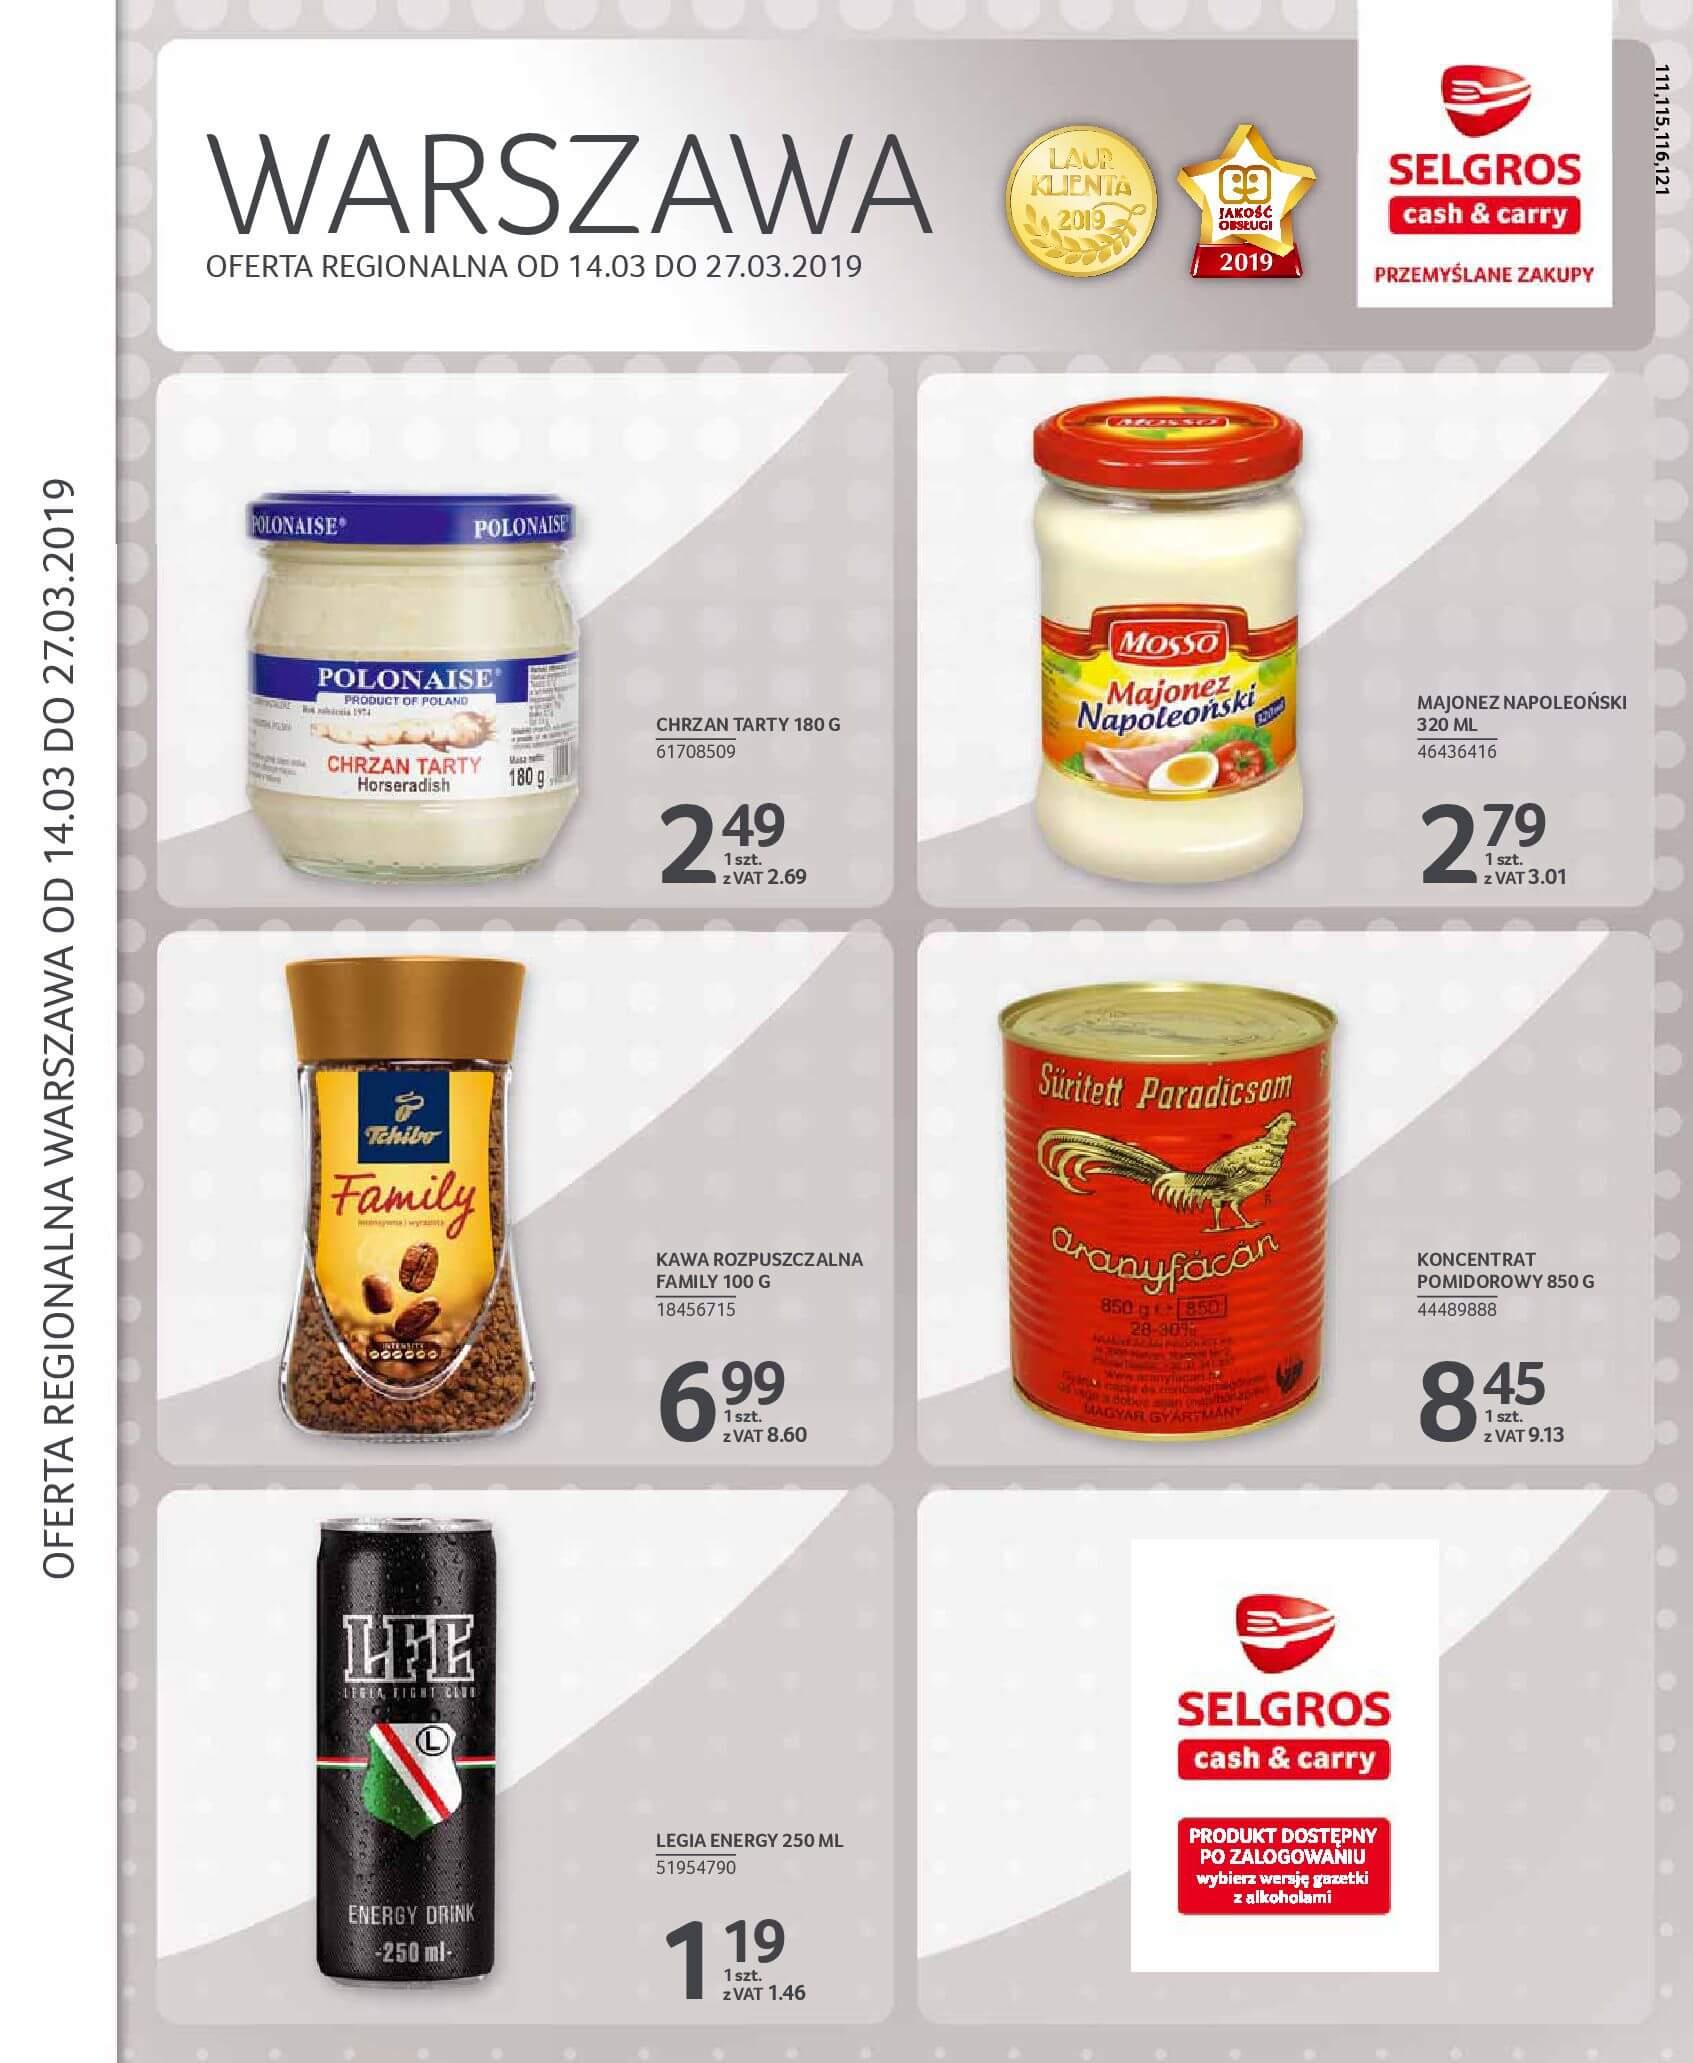 Gazetka Selgros - Oferta na art. spożywcze i chemię gospodarczą-13.03.2019-27.03.2019-page-